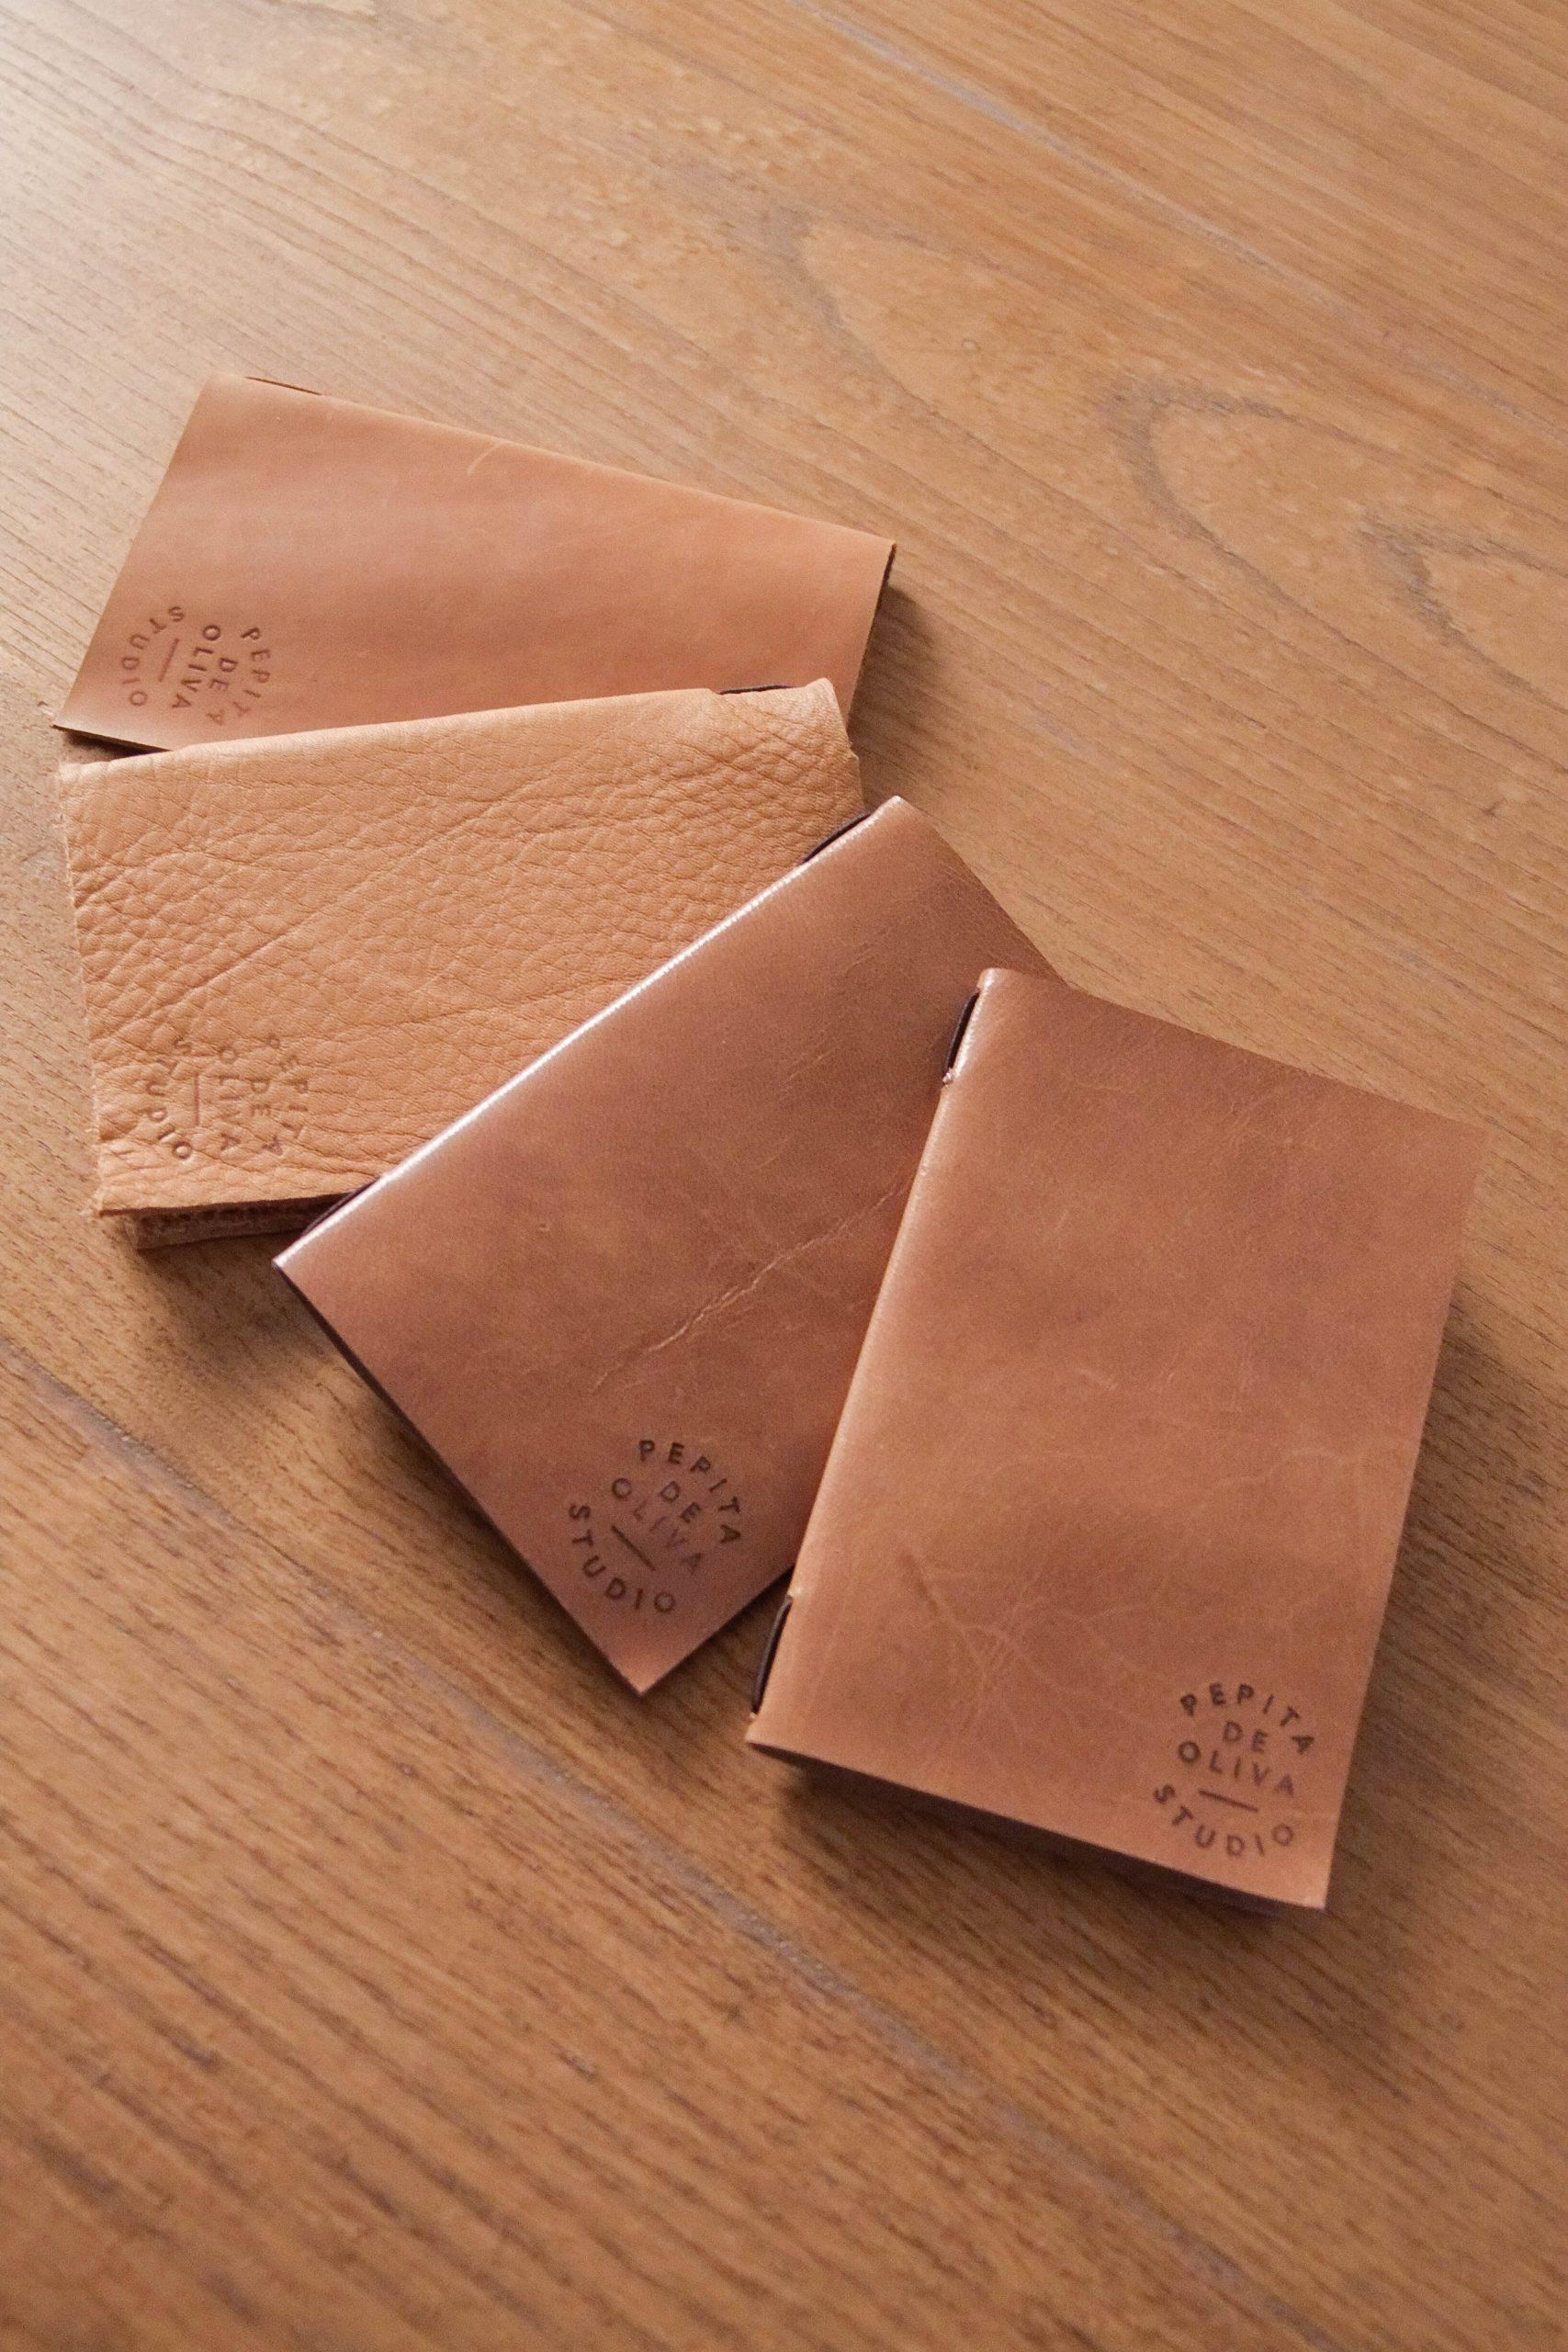 cuaderno de piel fabricado a mano pepita de oliva casa